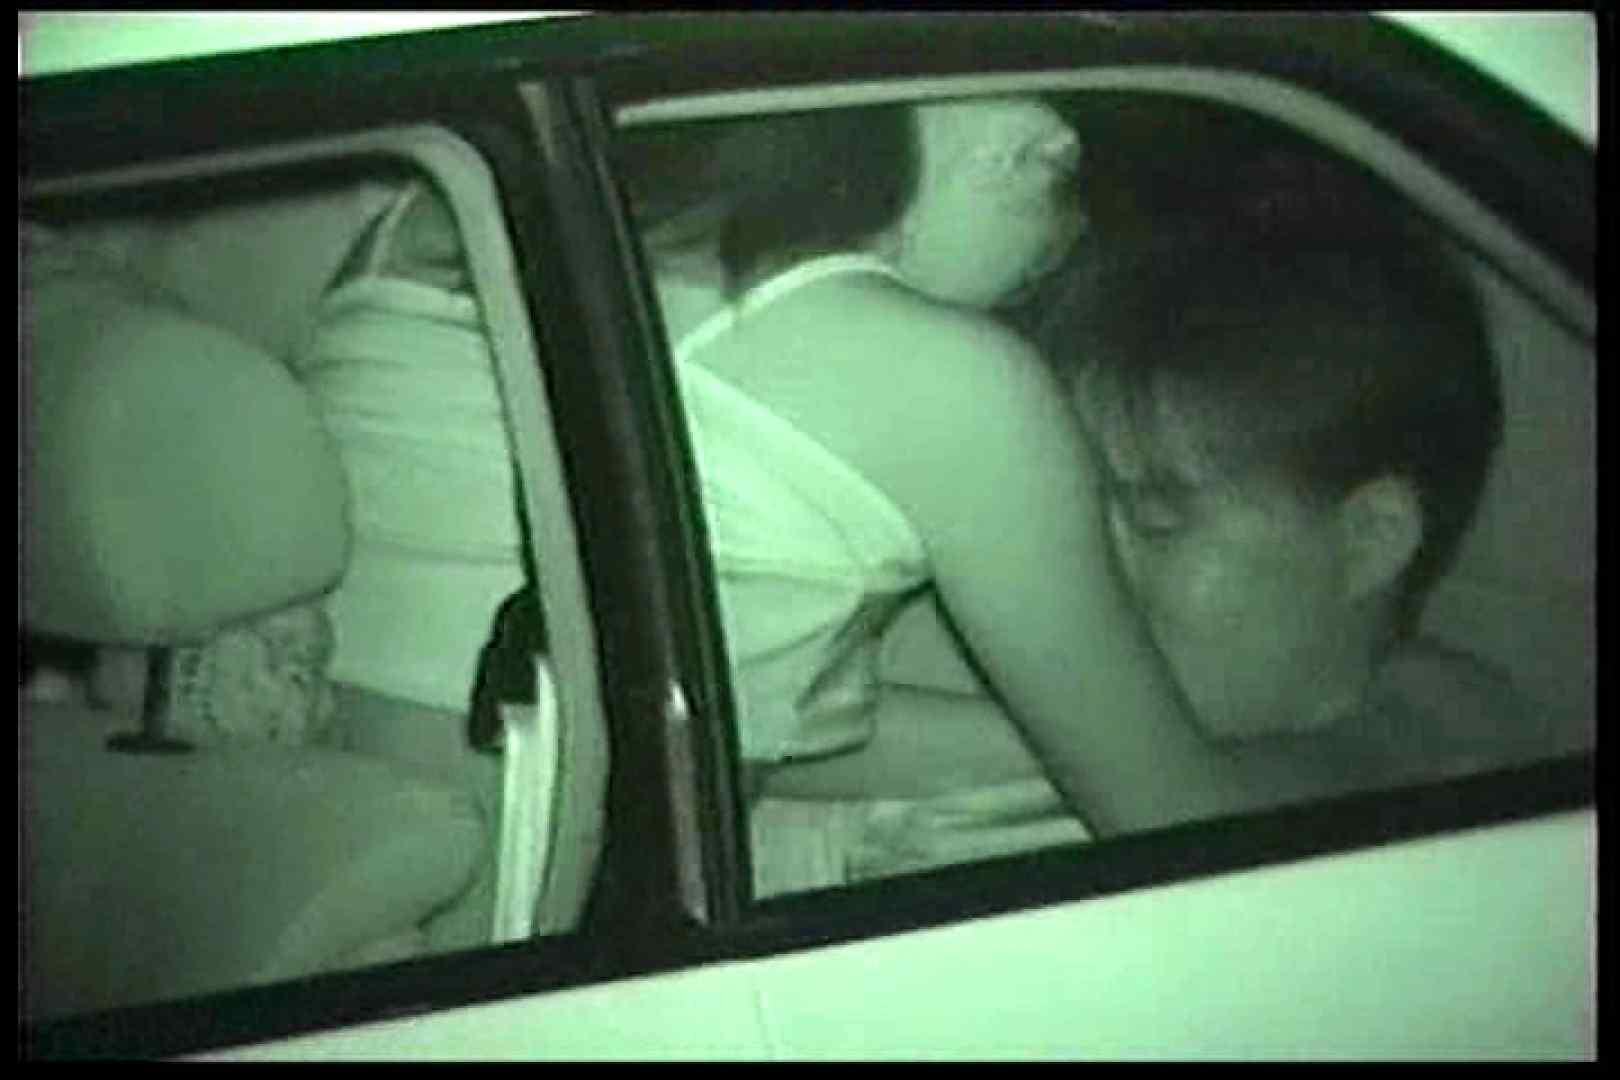 車の中はラブホテル 無修正版  Vol.11 車 おめこ無修正動画無料 18pic 3